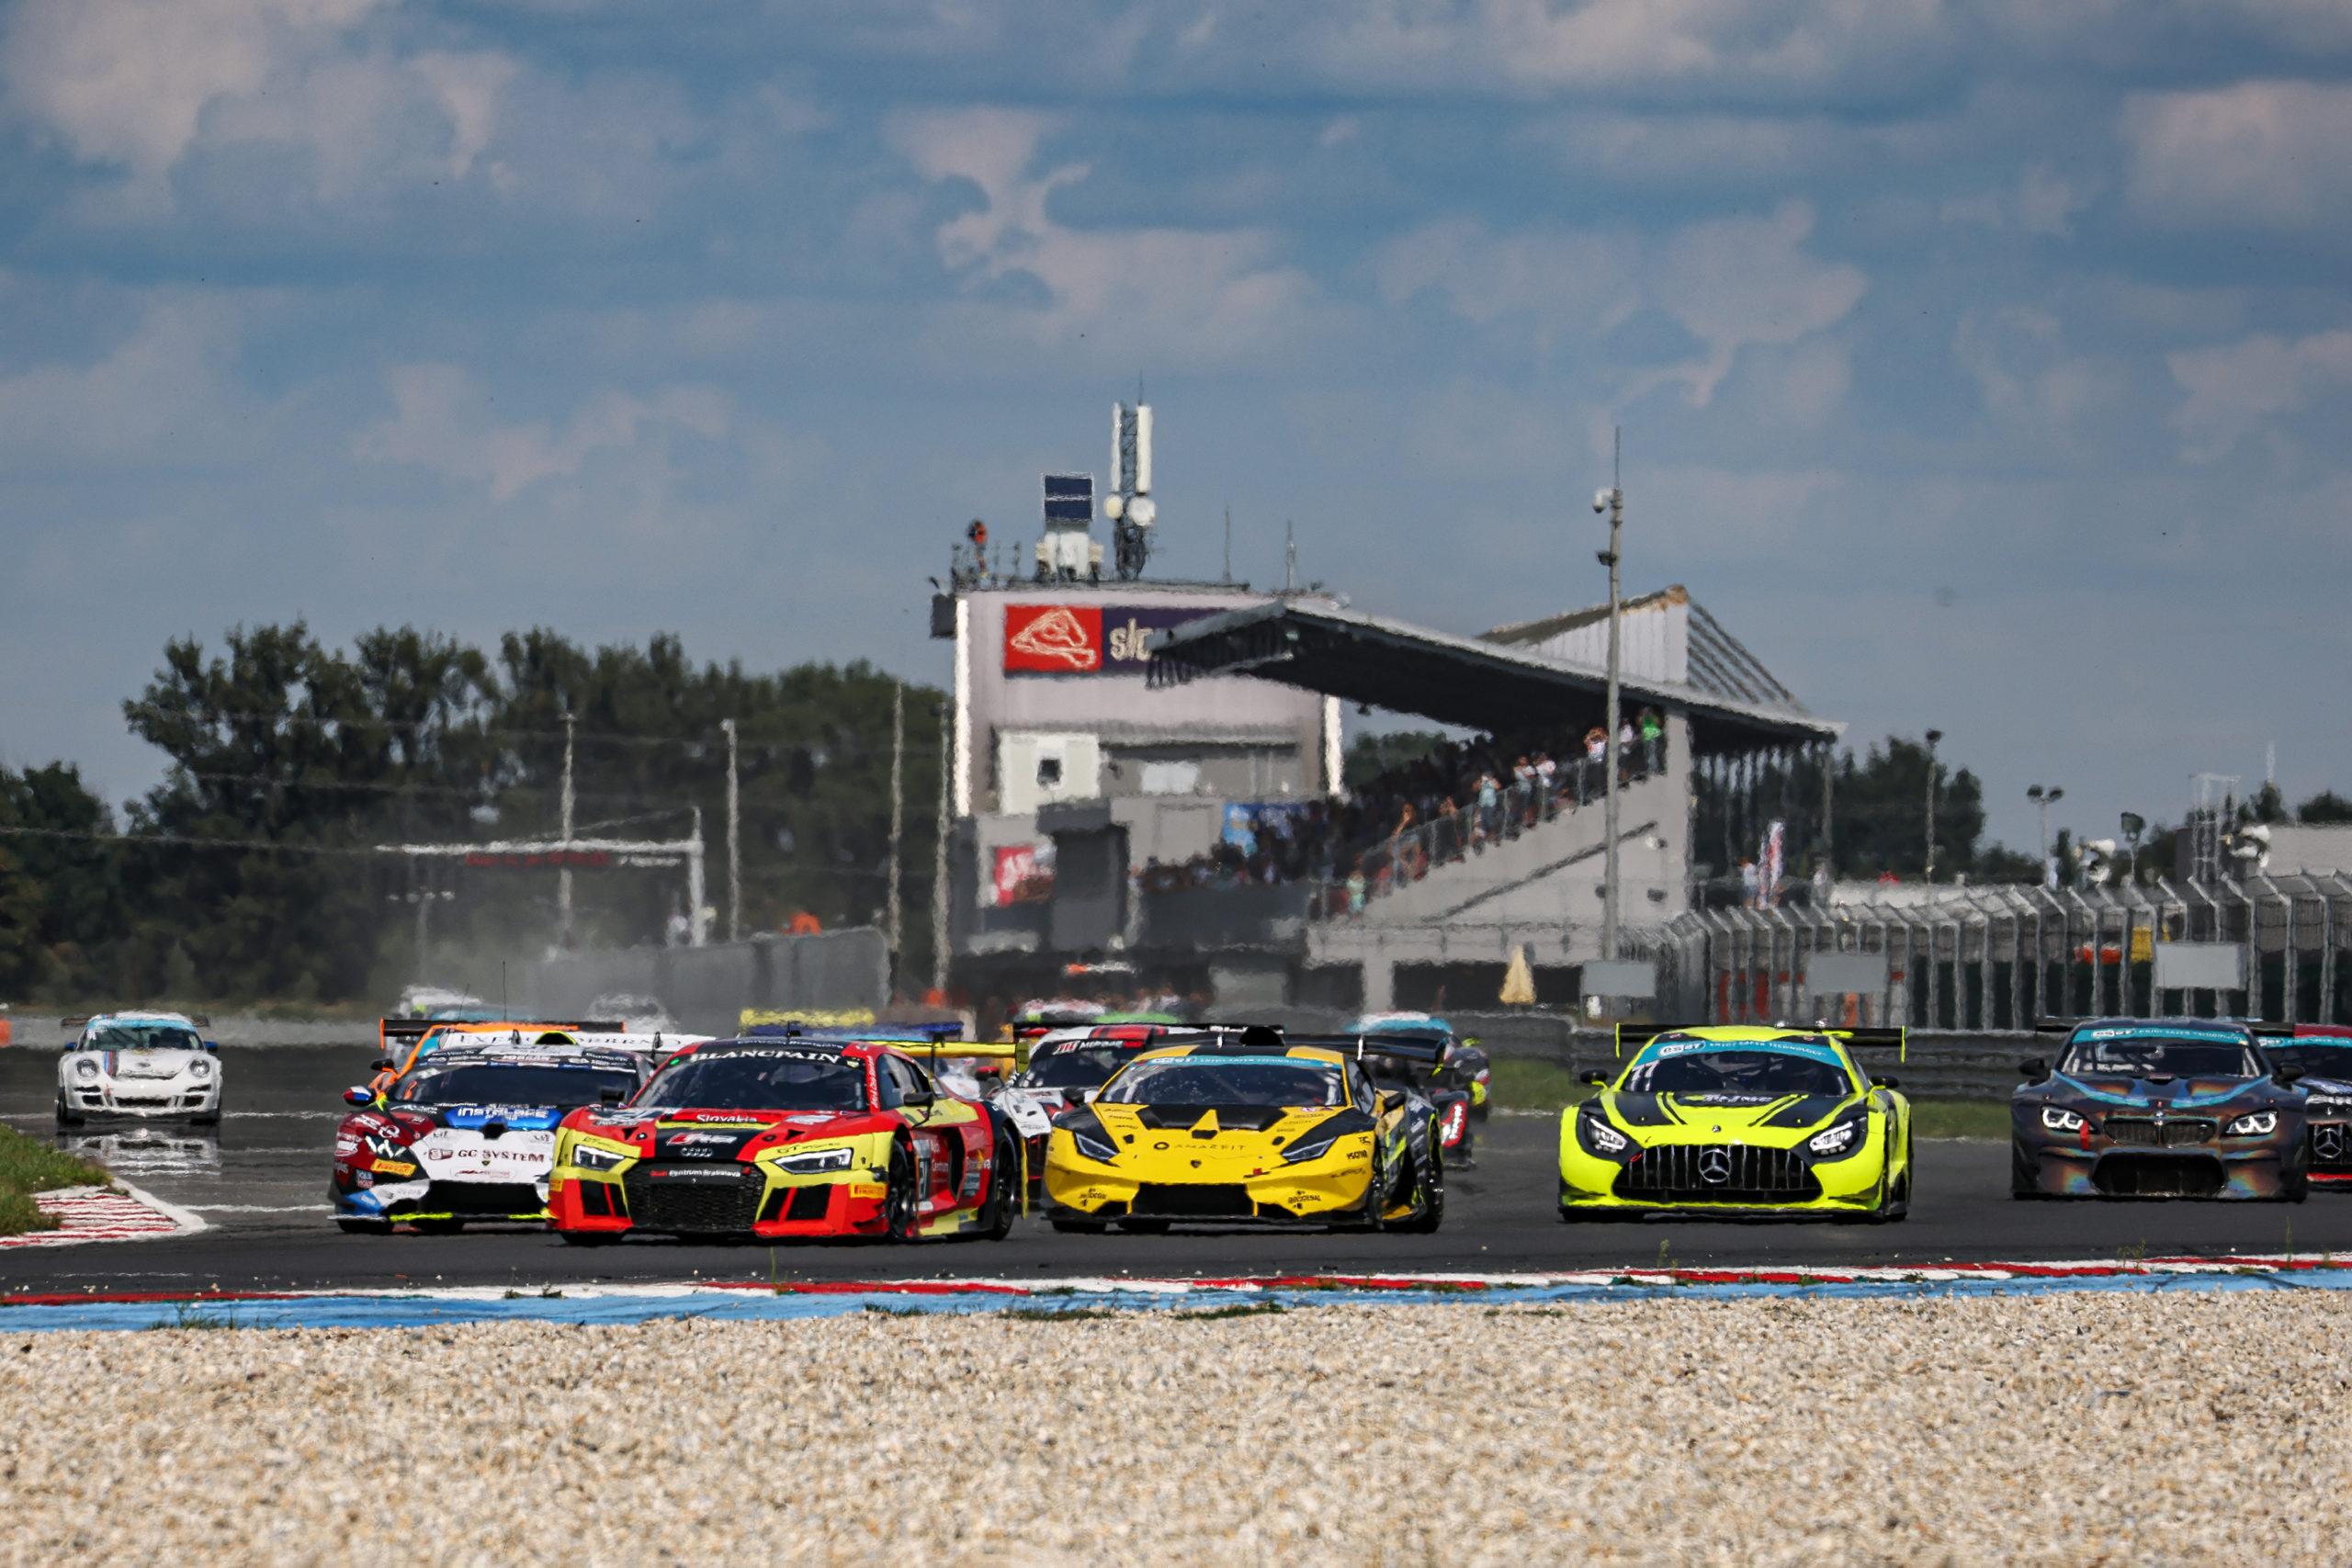 Sprint v Brně: Jedlinského dělí krůček od titulu v GT3, uvidíme i účastníky Le Mans